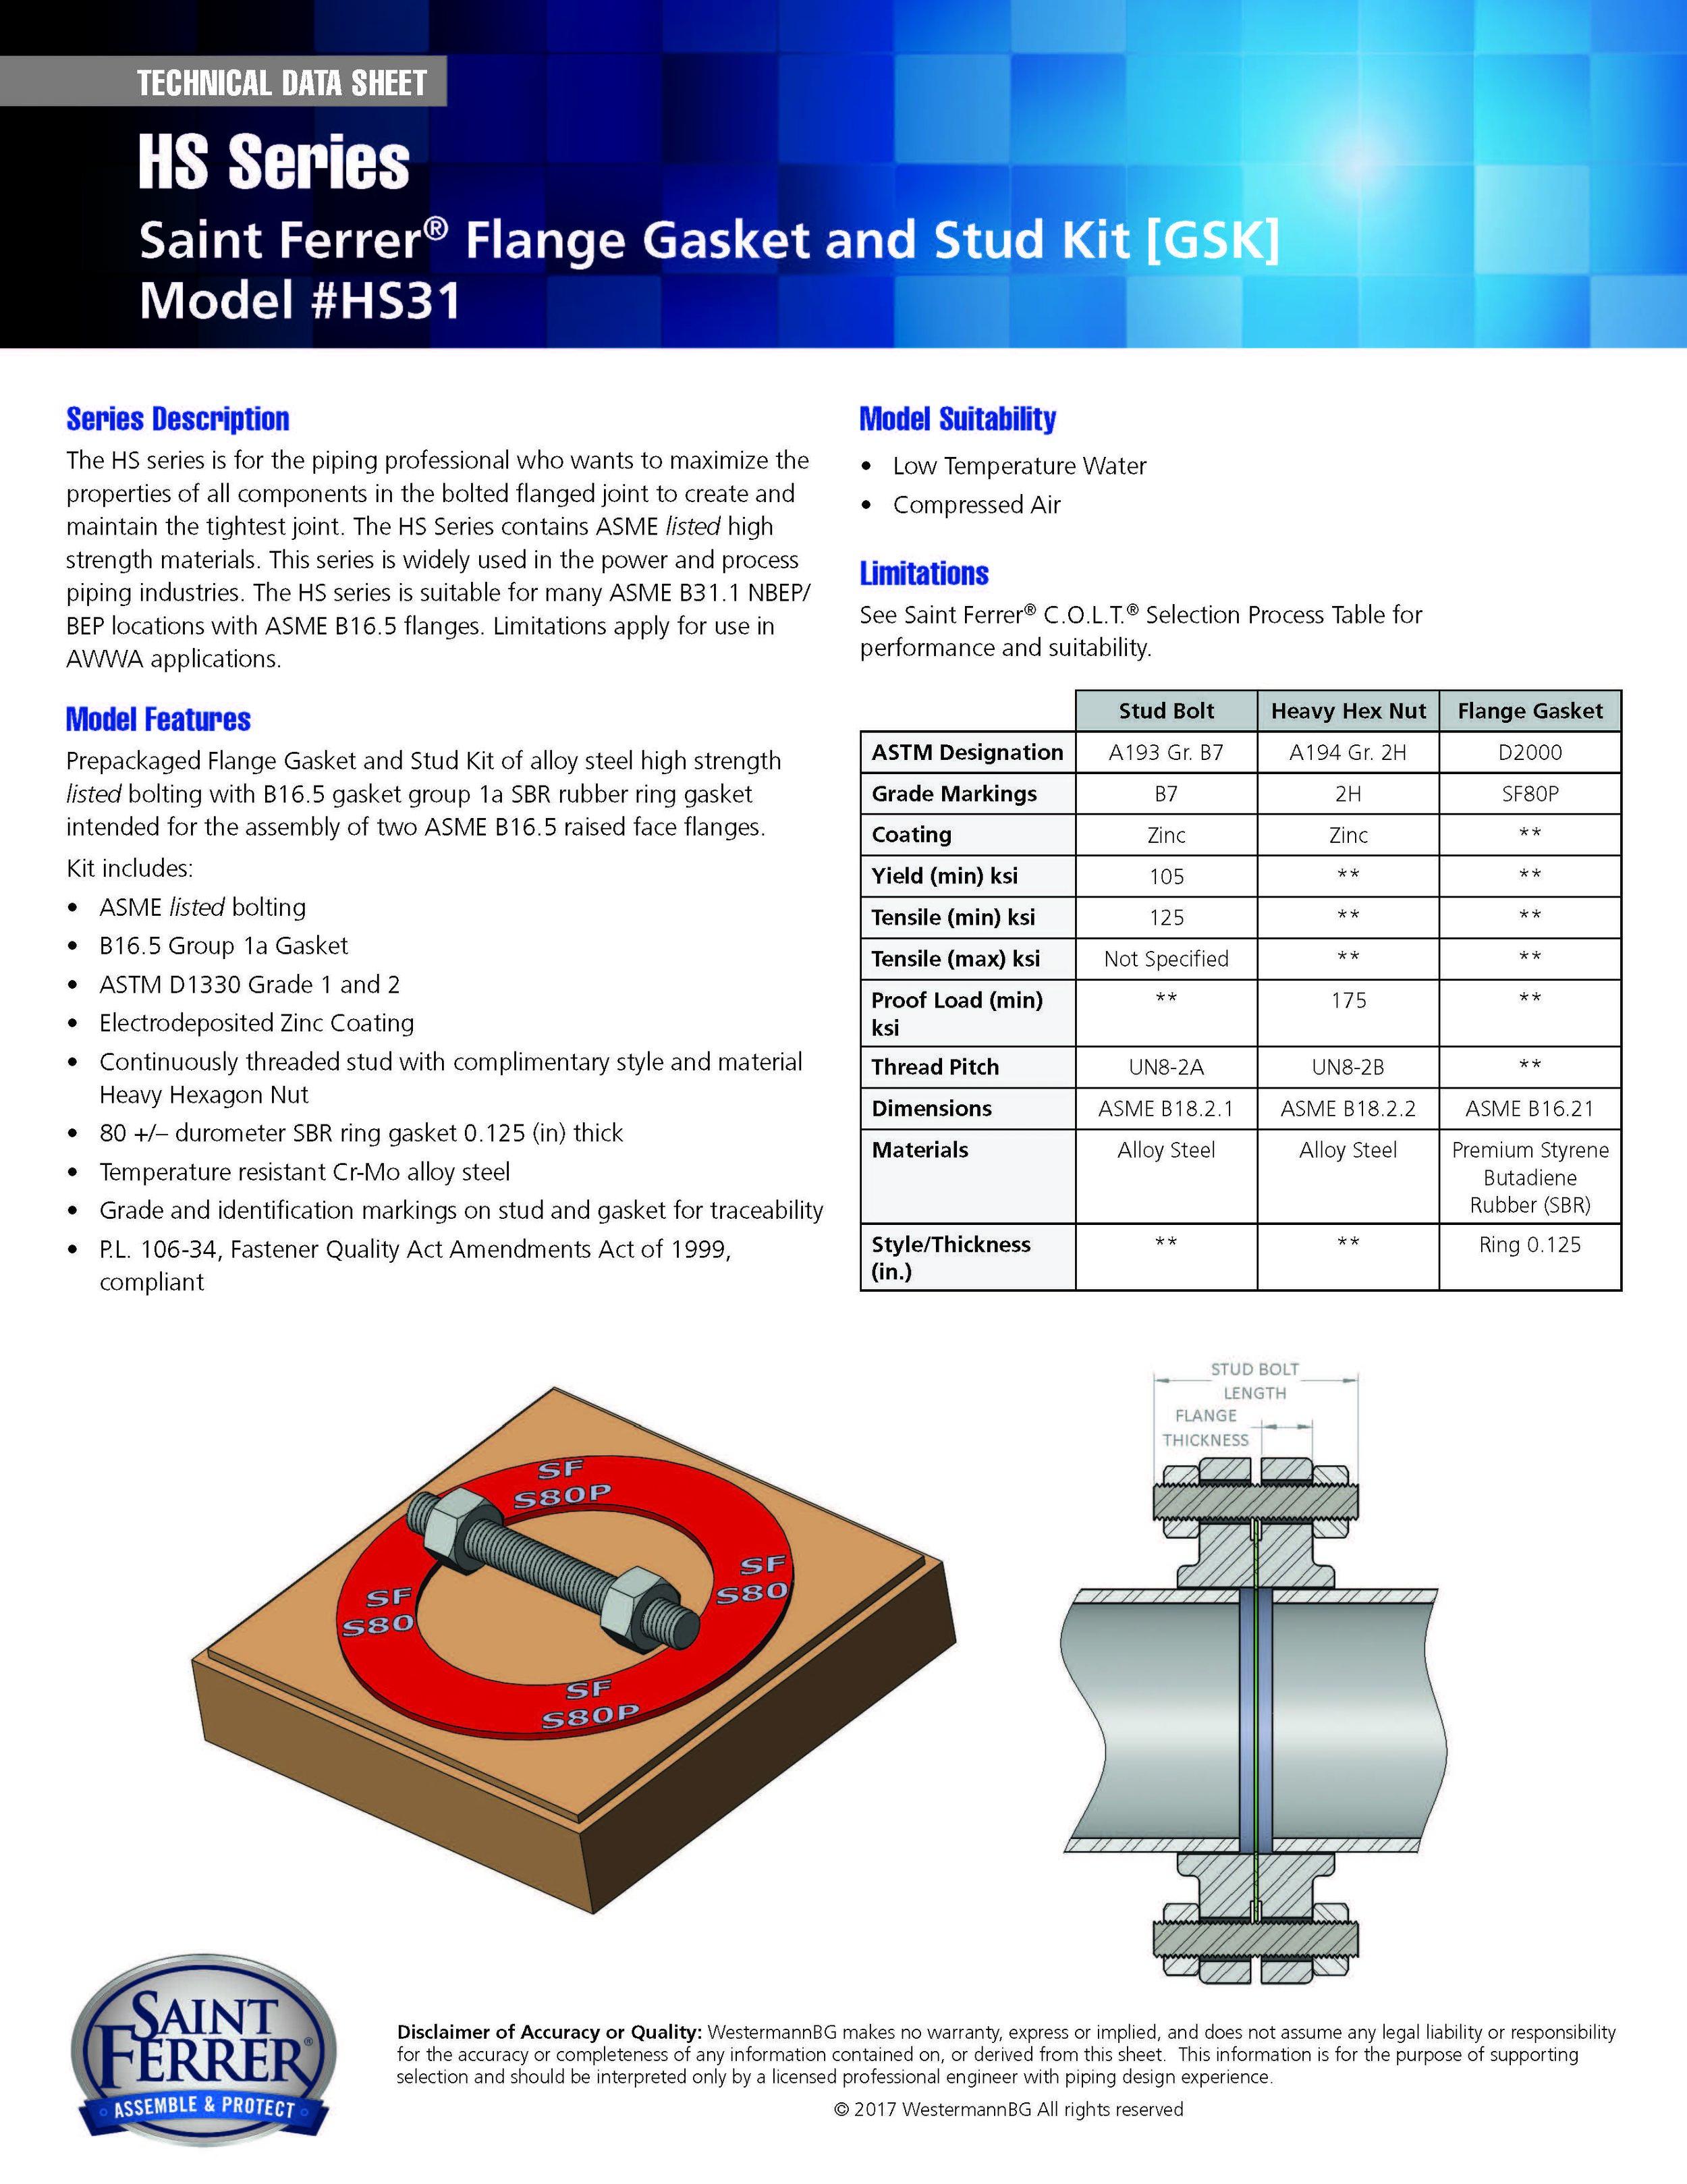 SF_Data_Sheet_HS_Series_HS31.jpg